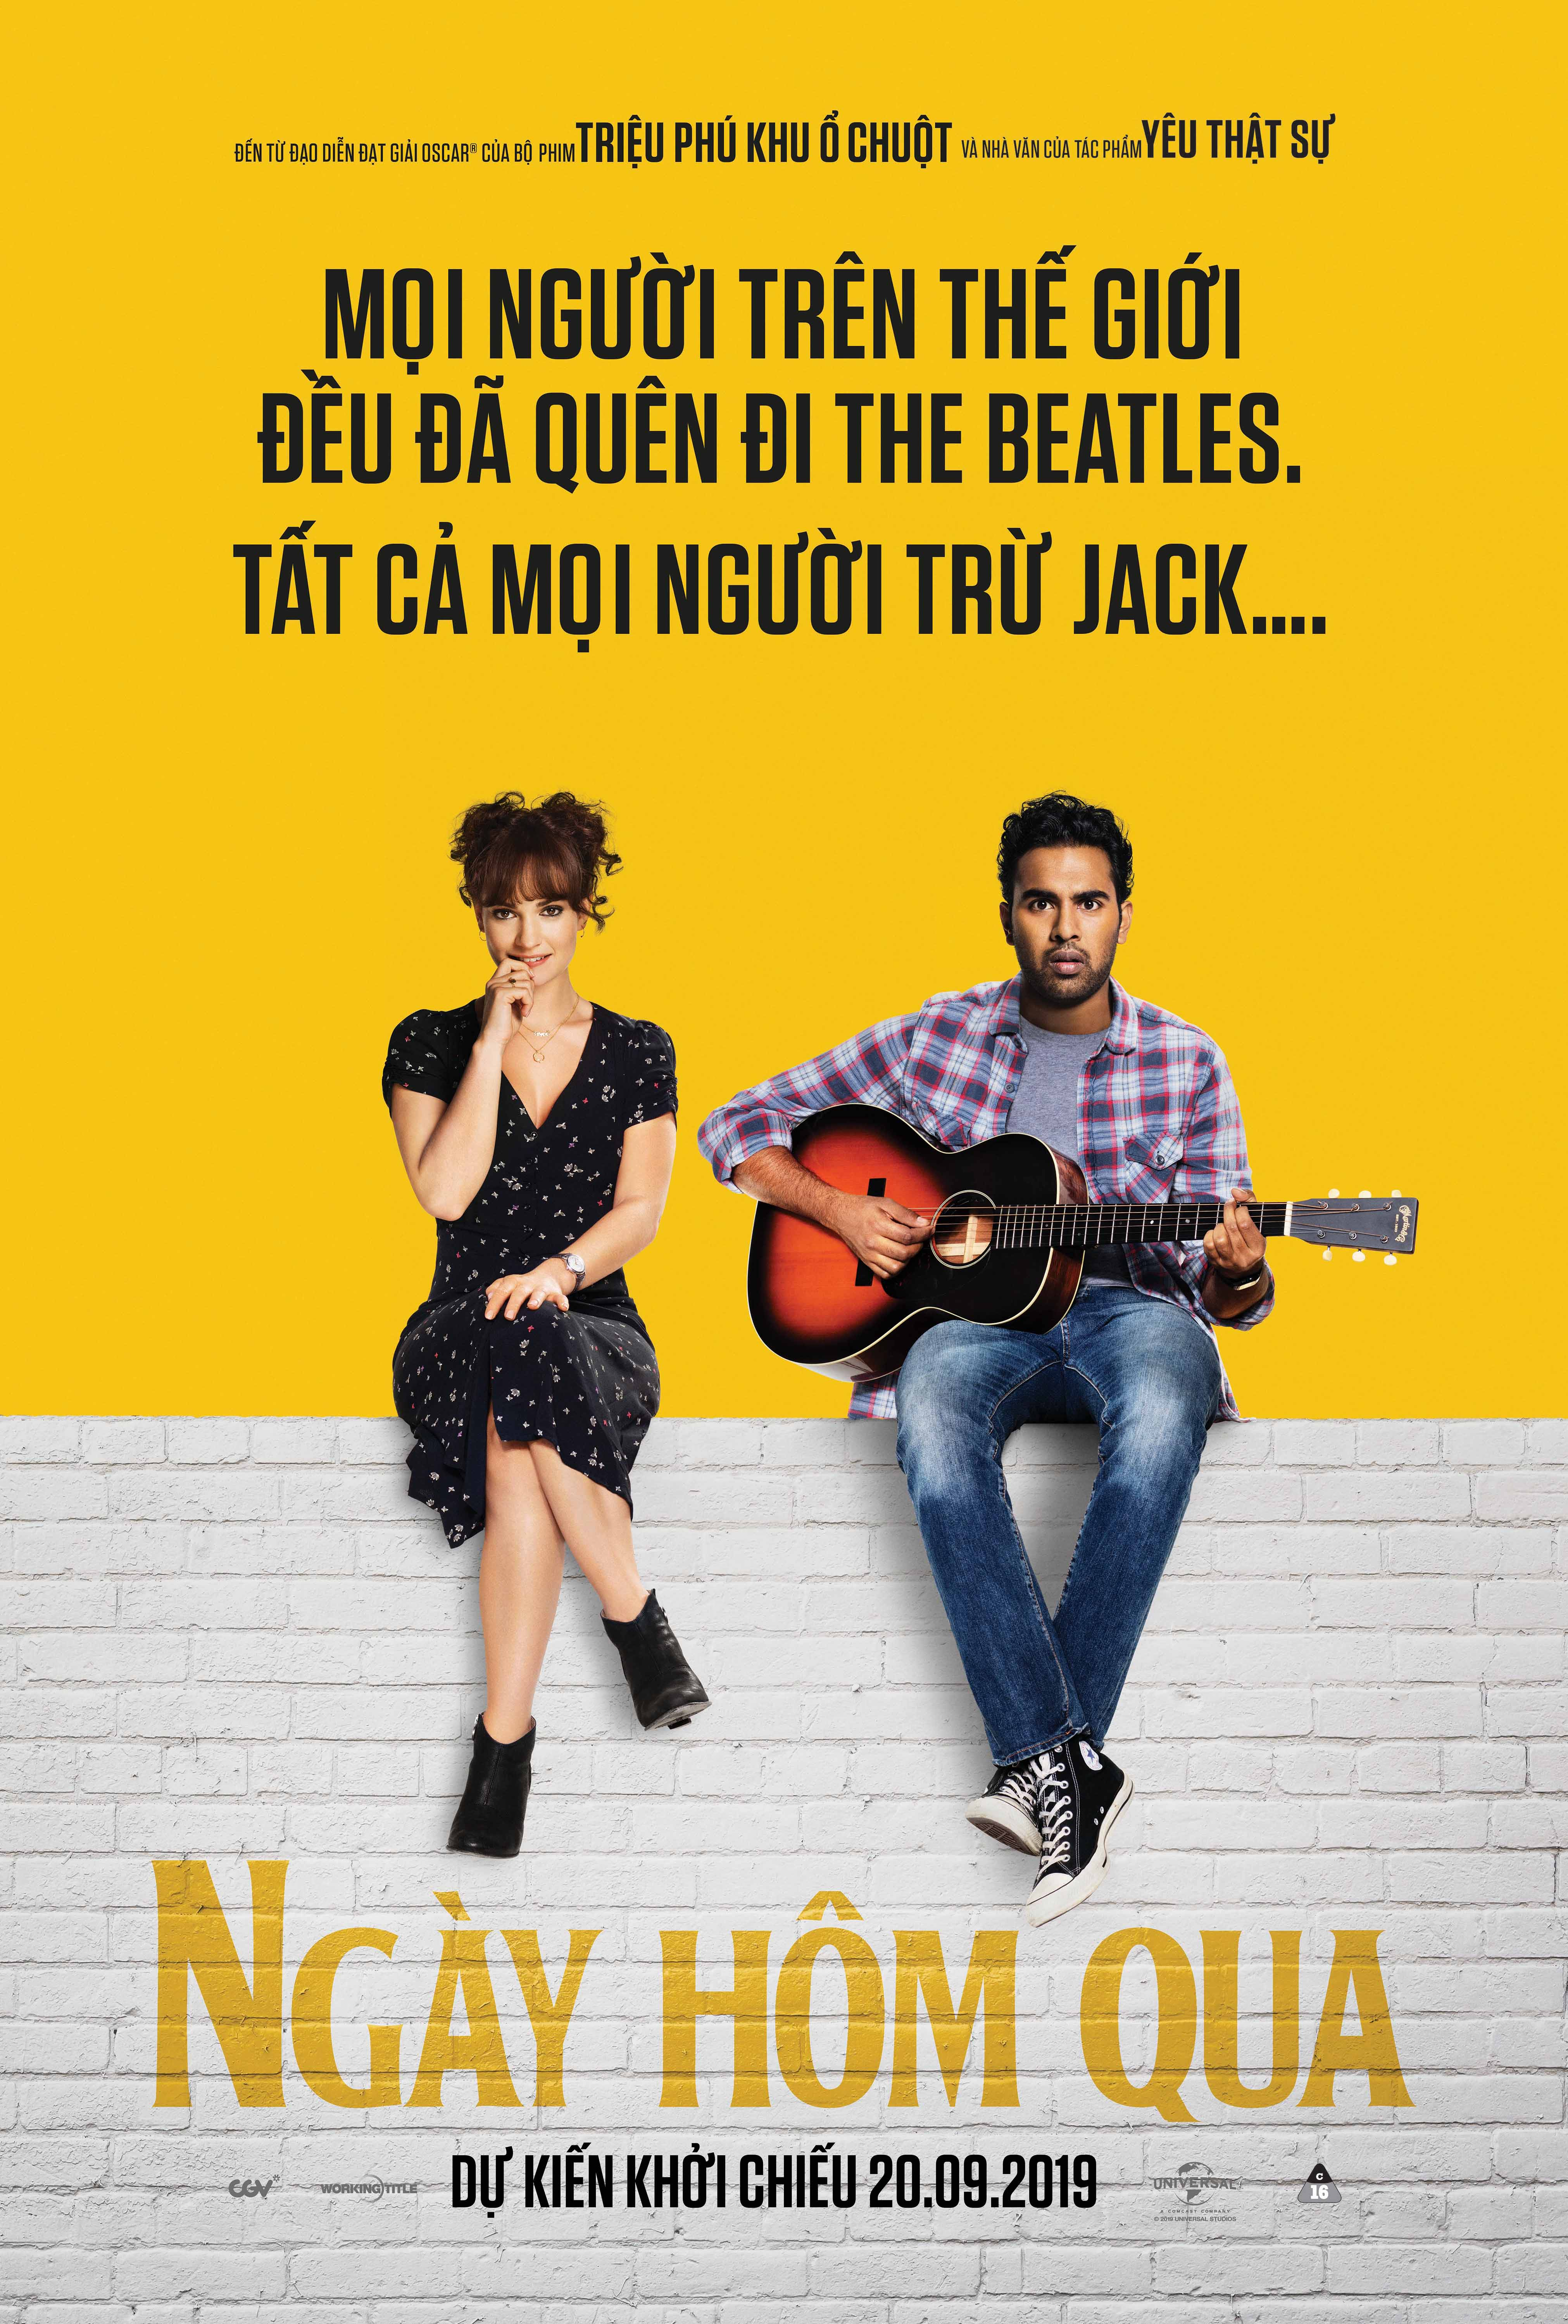 Chìm đắm trong những bản hit bất hủ của nhóm nhạc huyền thoại The Beatles với 'Ngày Hôm Qua' 3